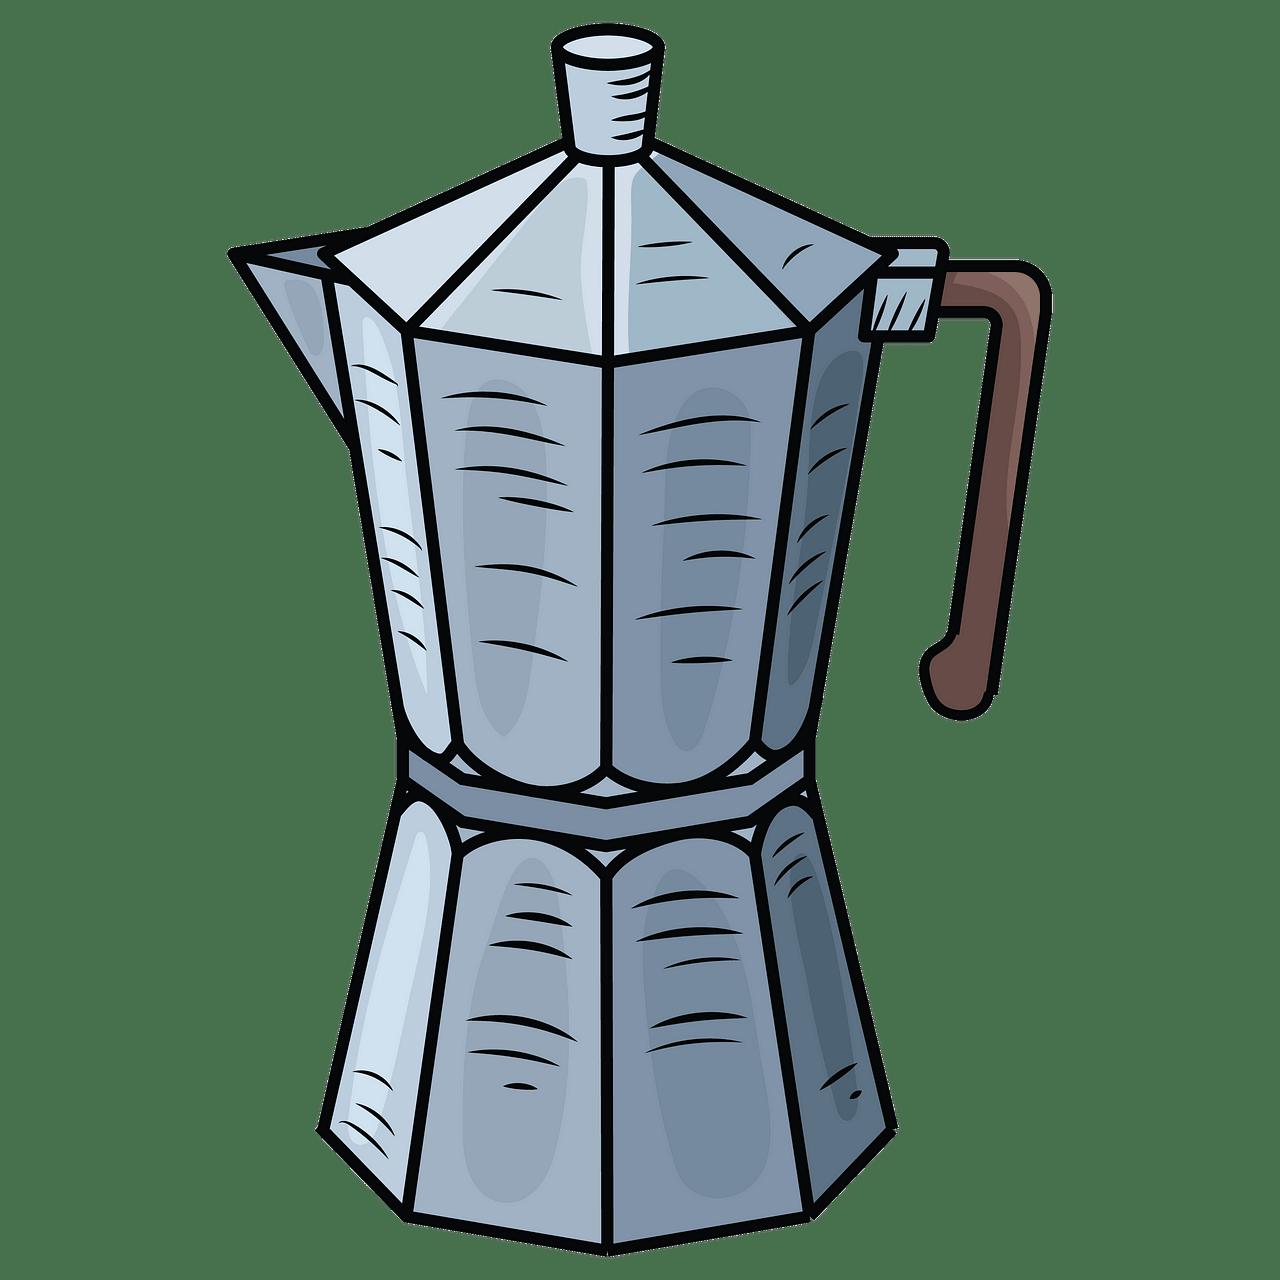 Cafetera clipart. Dibujos animados descargar gratis..